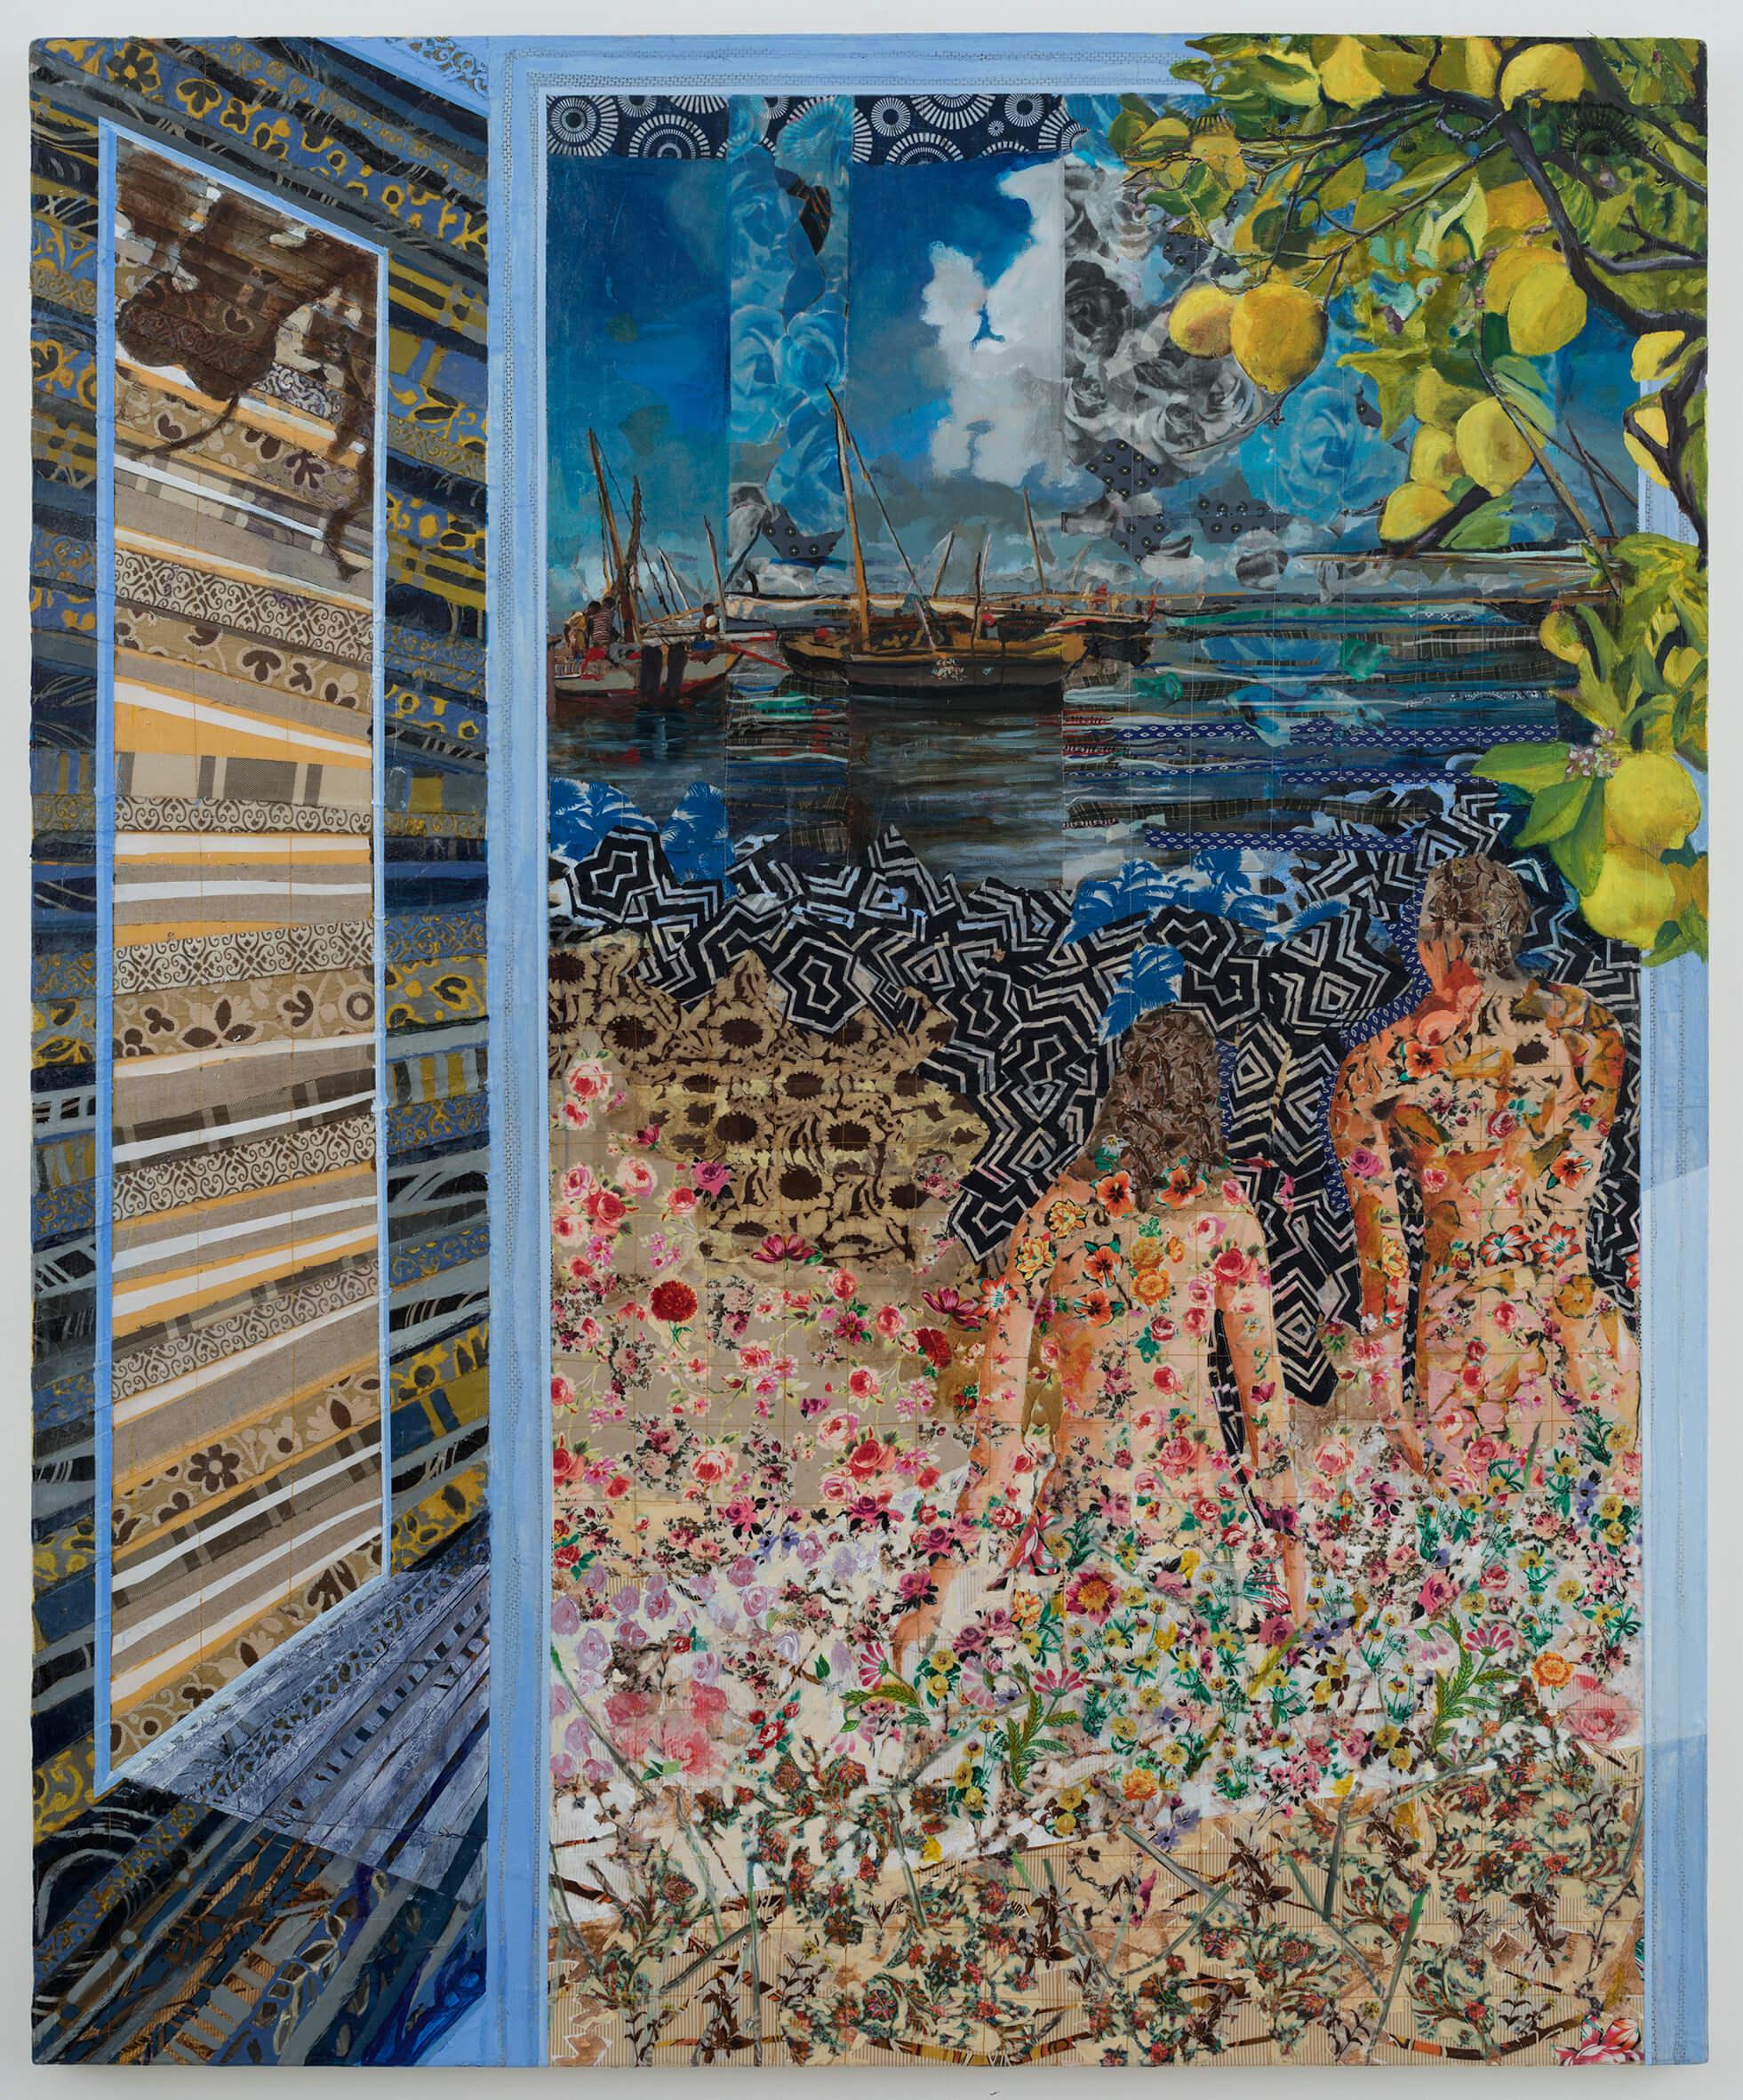 Ella Amitay Sadovsky, Sea view and lemons